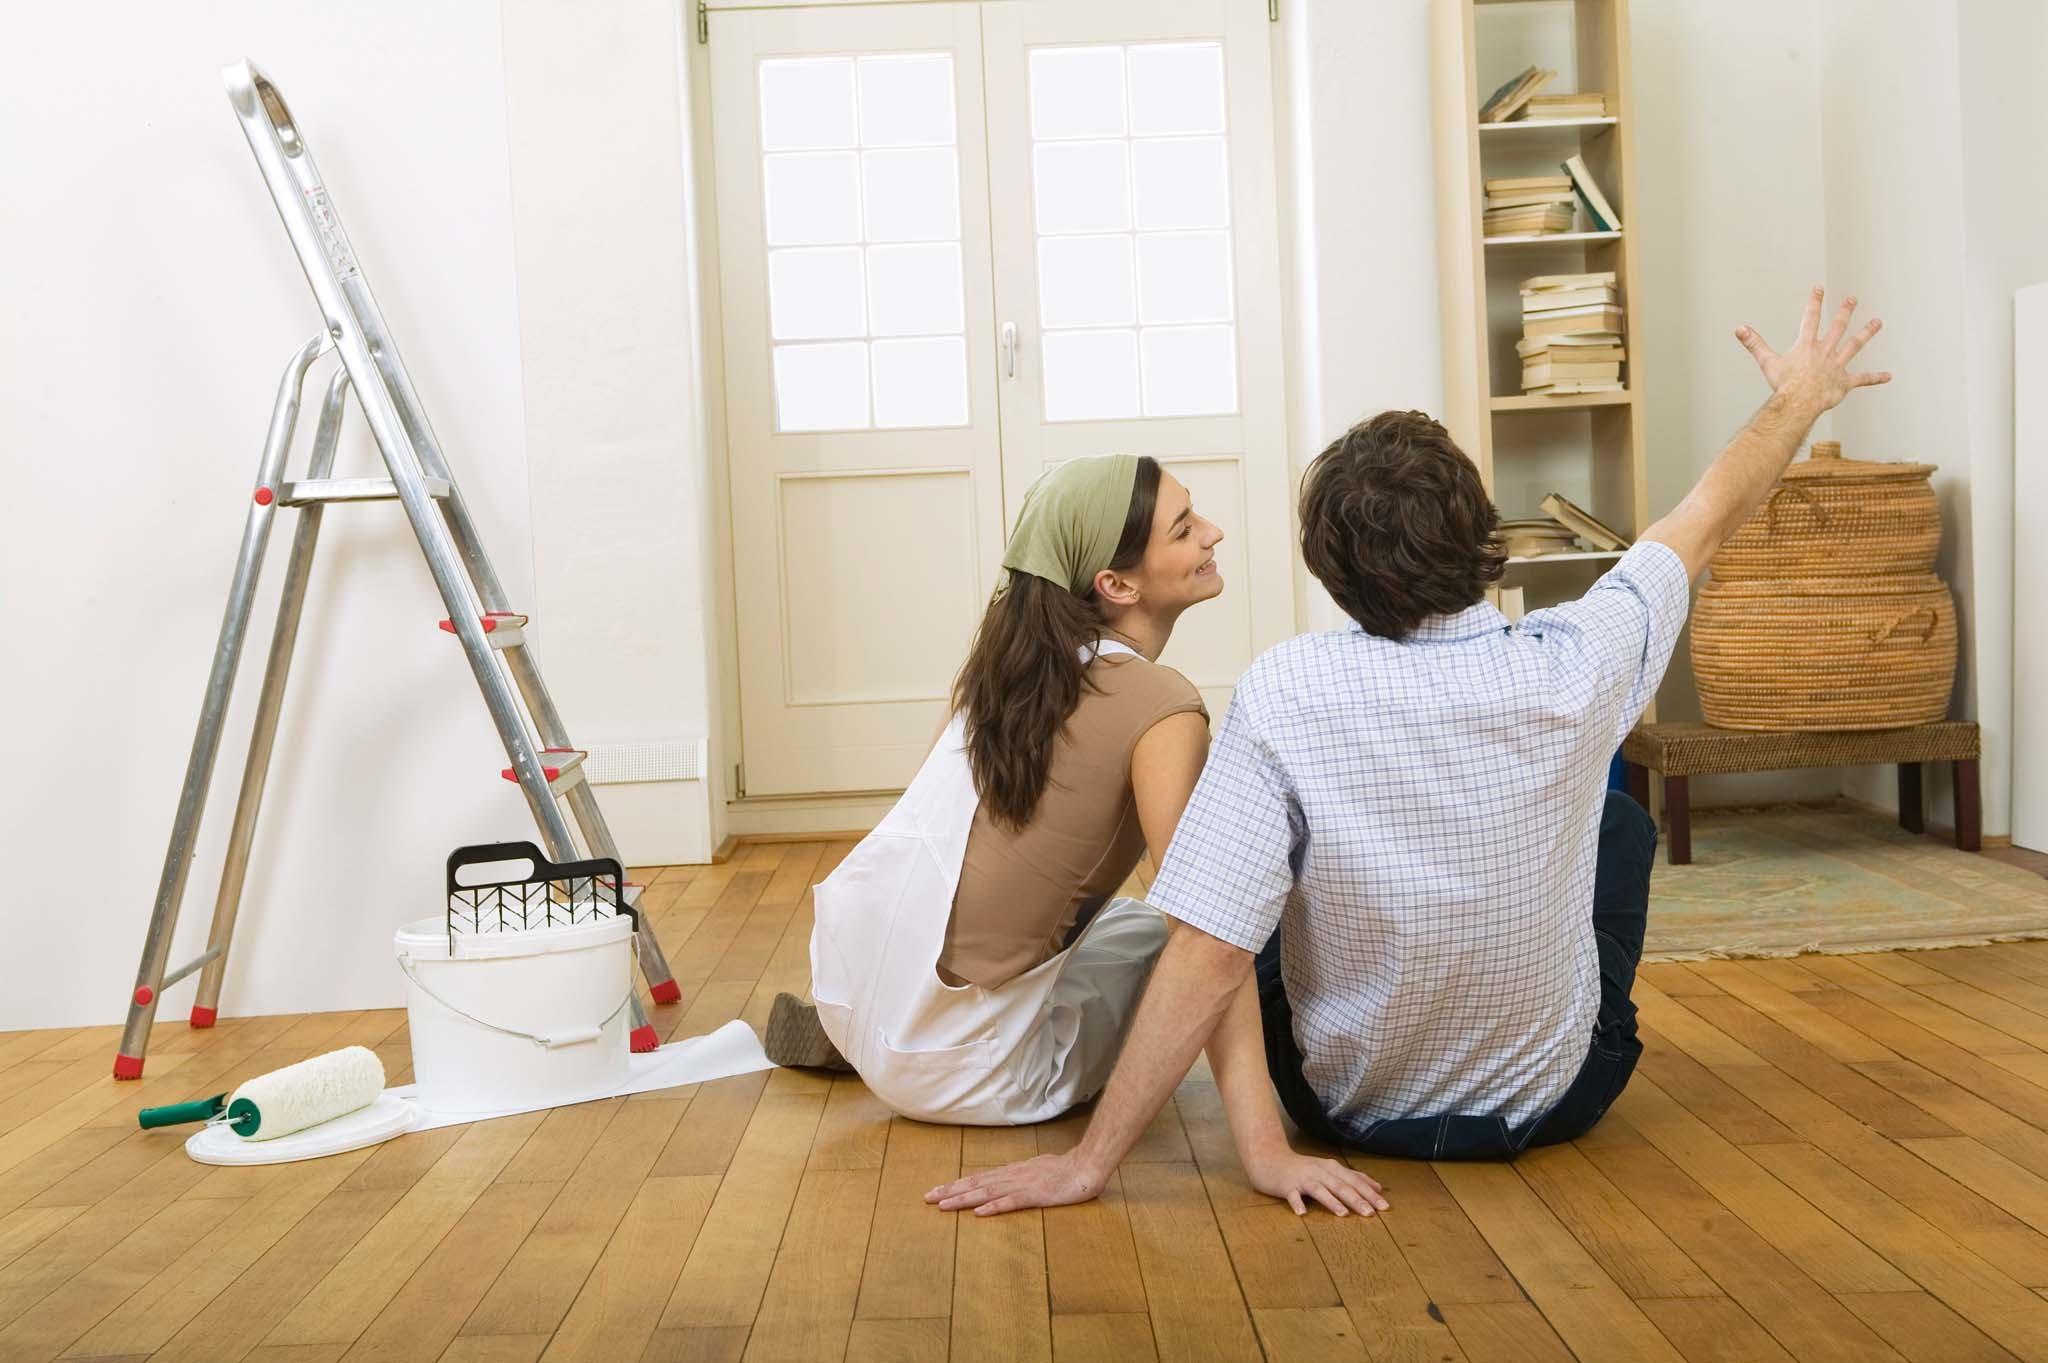 Какие ошибки мы совершаем, когда делаем ремонт?